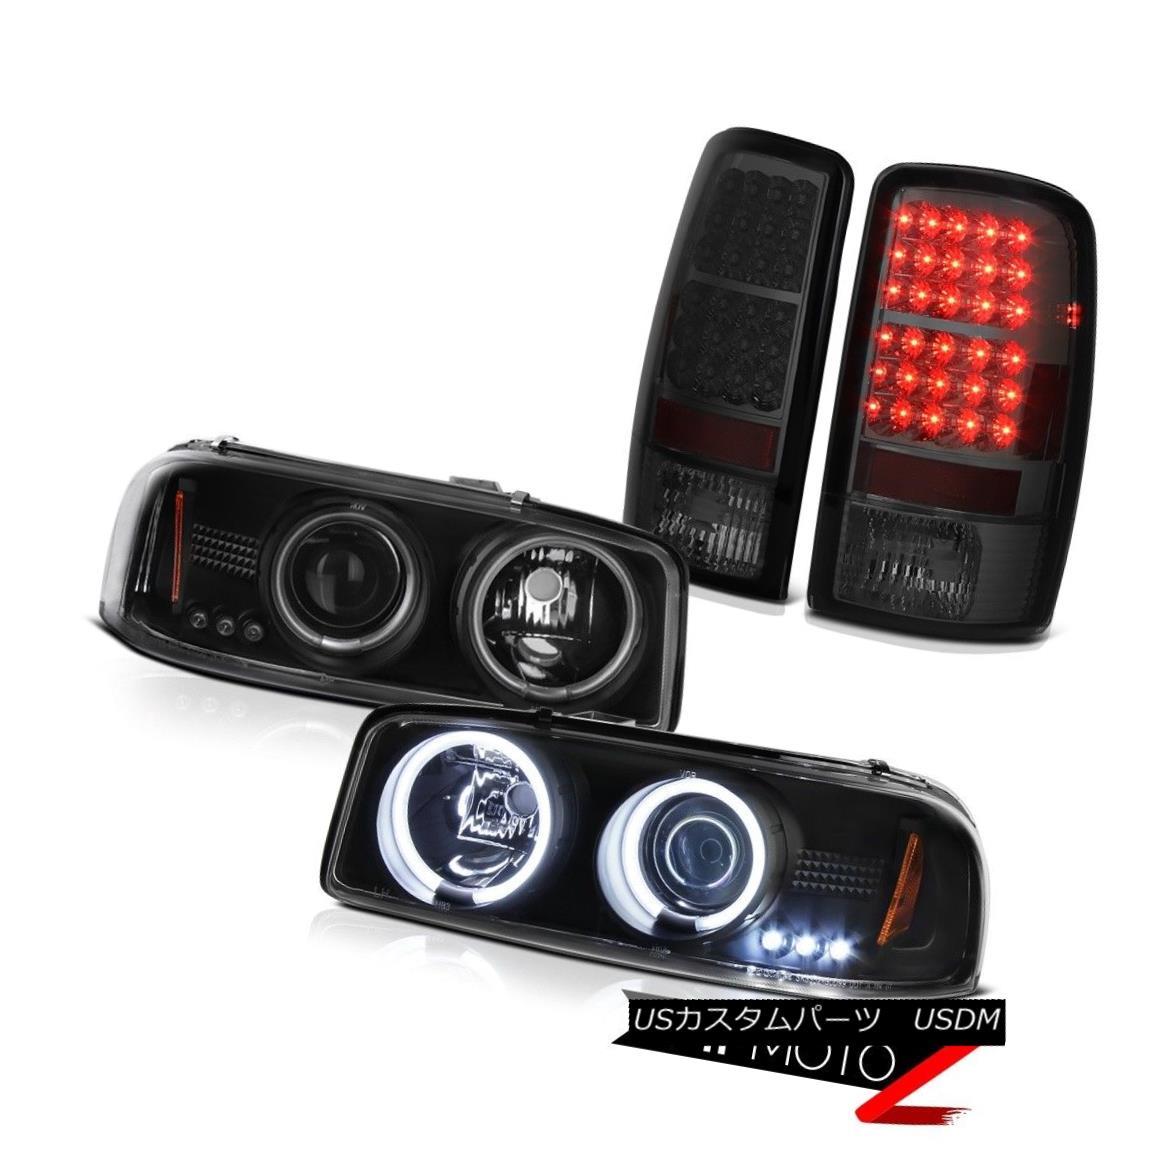 ヘッドライト GMC DRL CCFL Halo Headlight Smoke SMD LED Tail Lights 00 01 02 03 04 05 06 Yukon GMC DRL CCFL HaloヘッドライトスモークSMD LEDテールライト00 01 02 03 04 05 06ユーコン